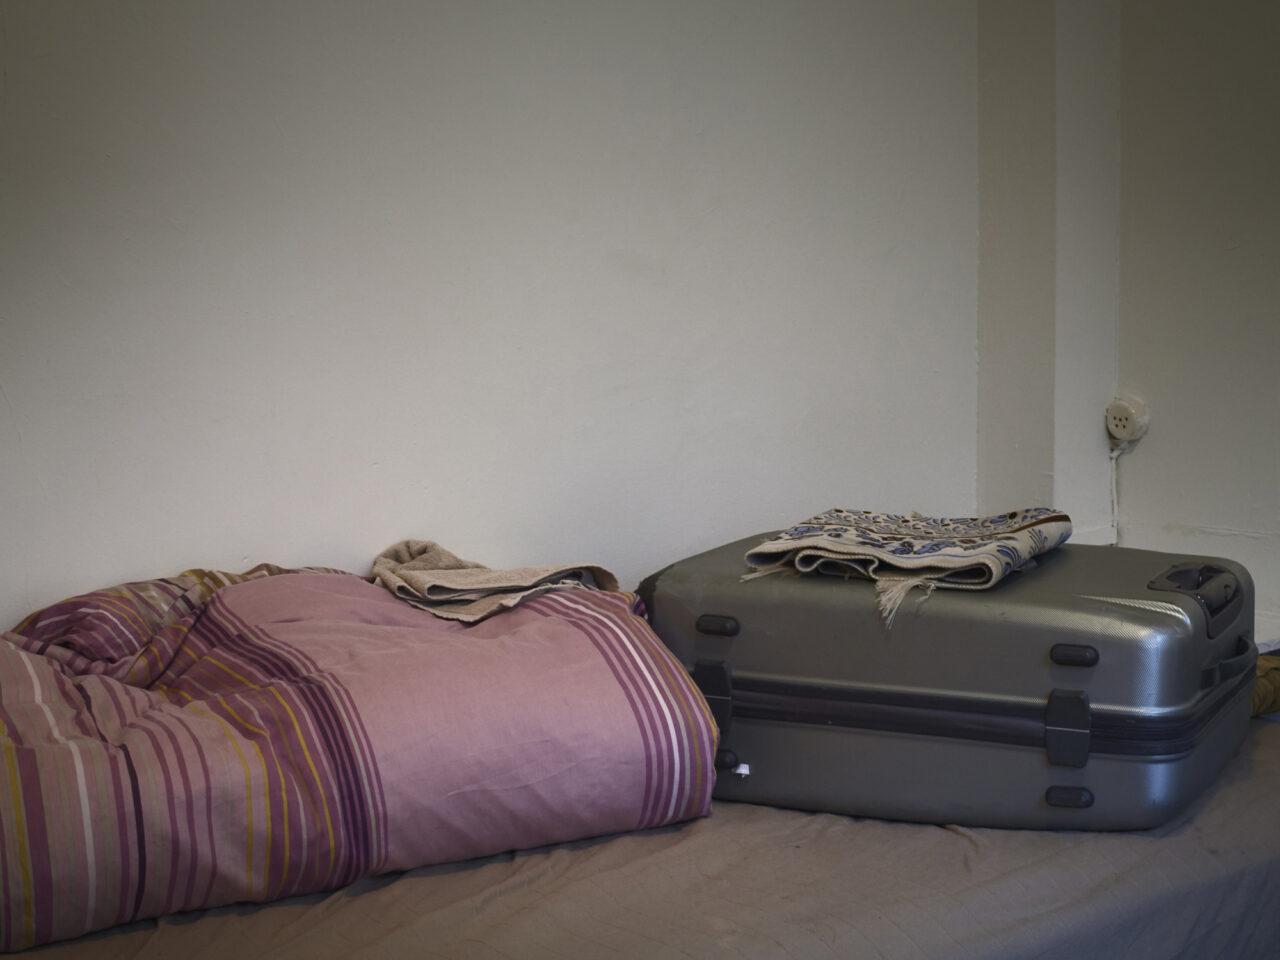 Ali's koffer, tijdelijke opvang gerund door de diaconie, Amsterdam